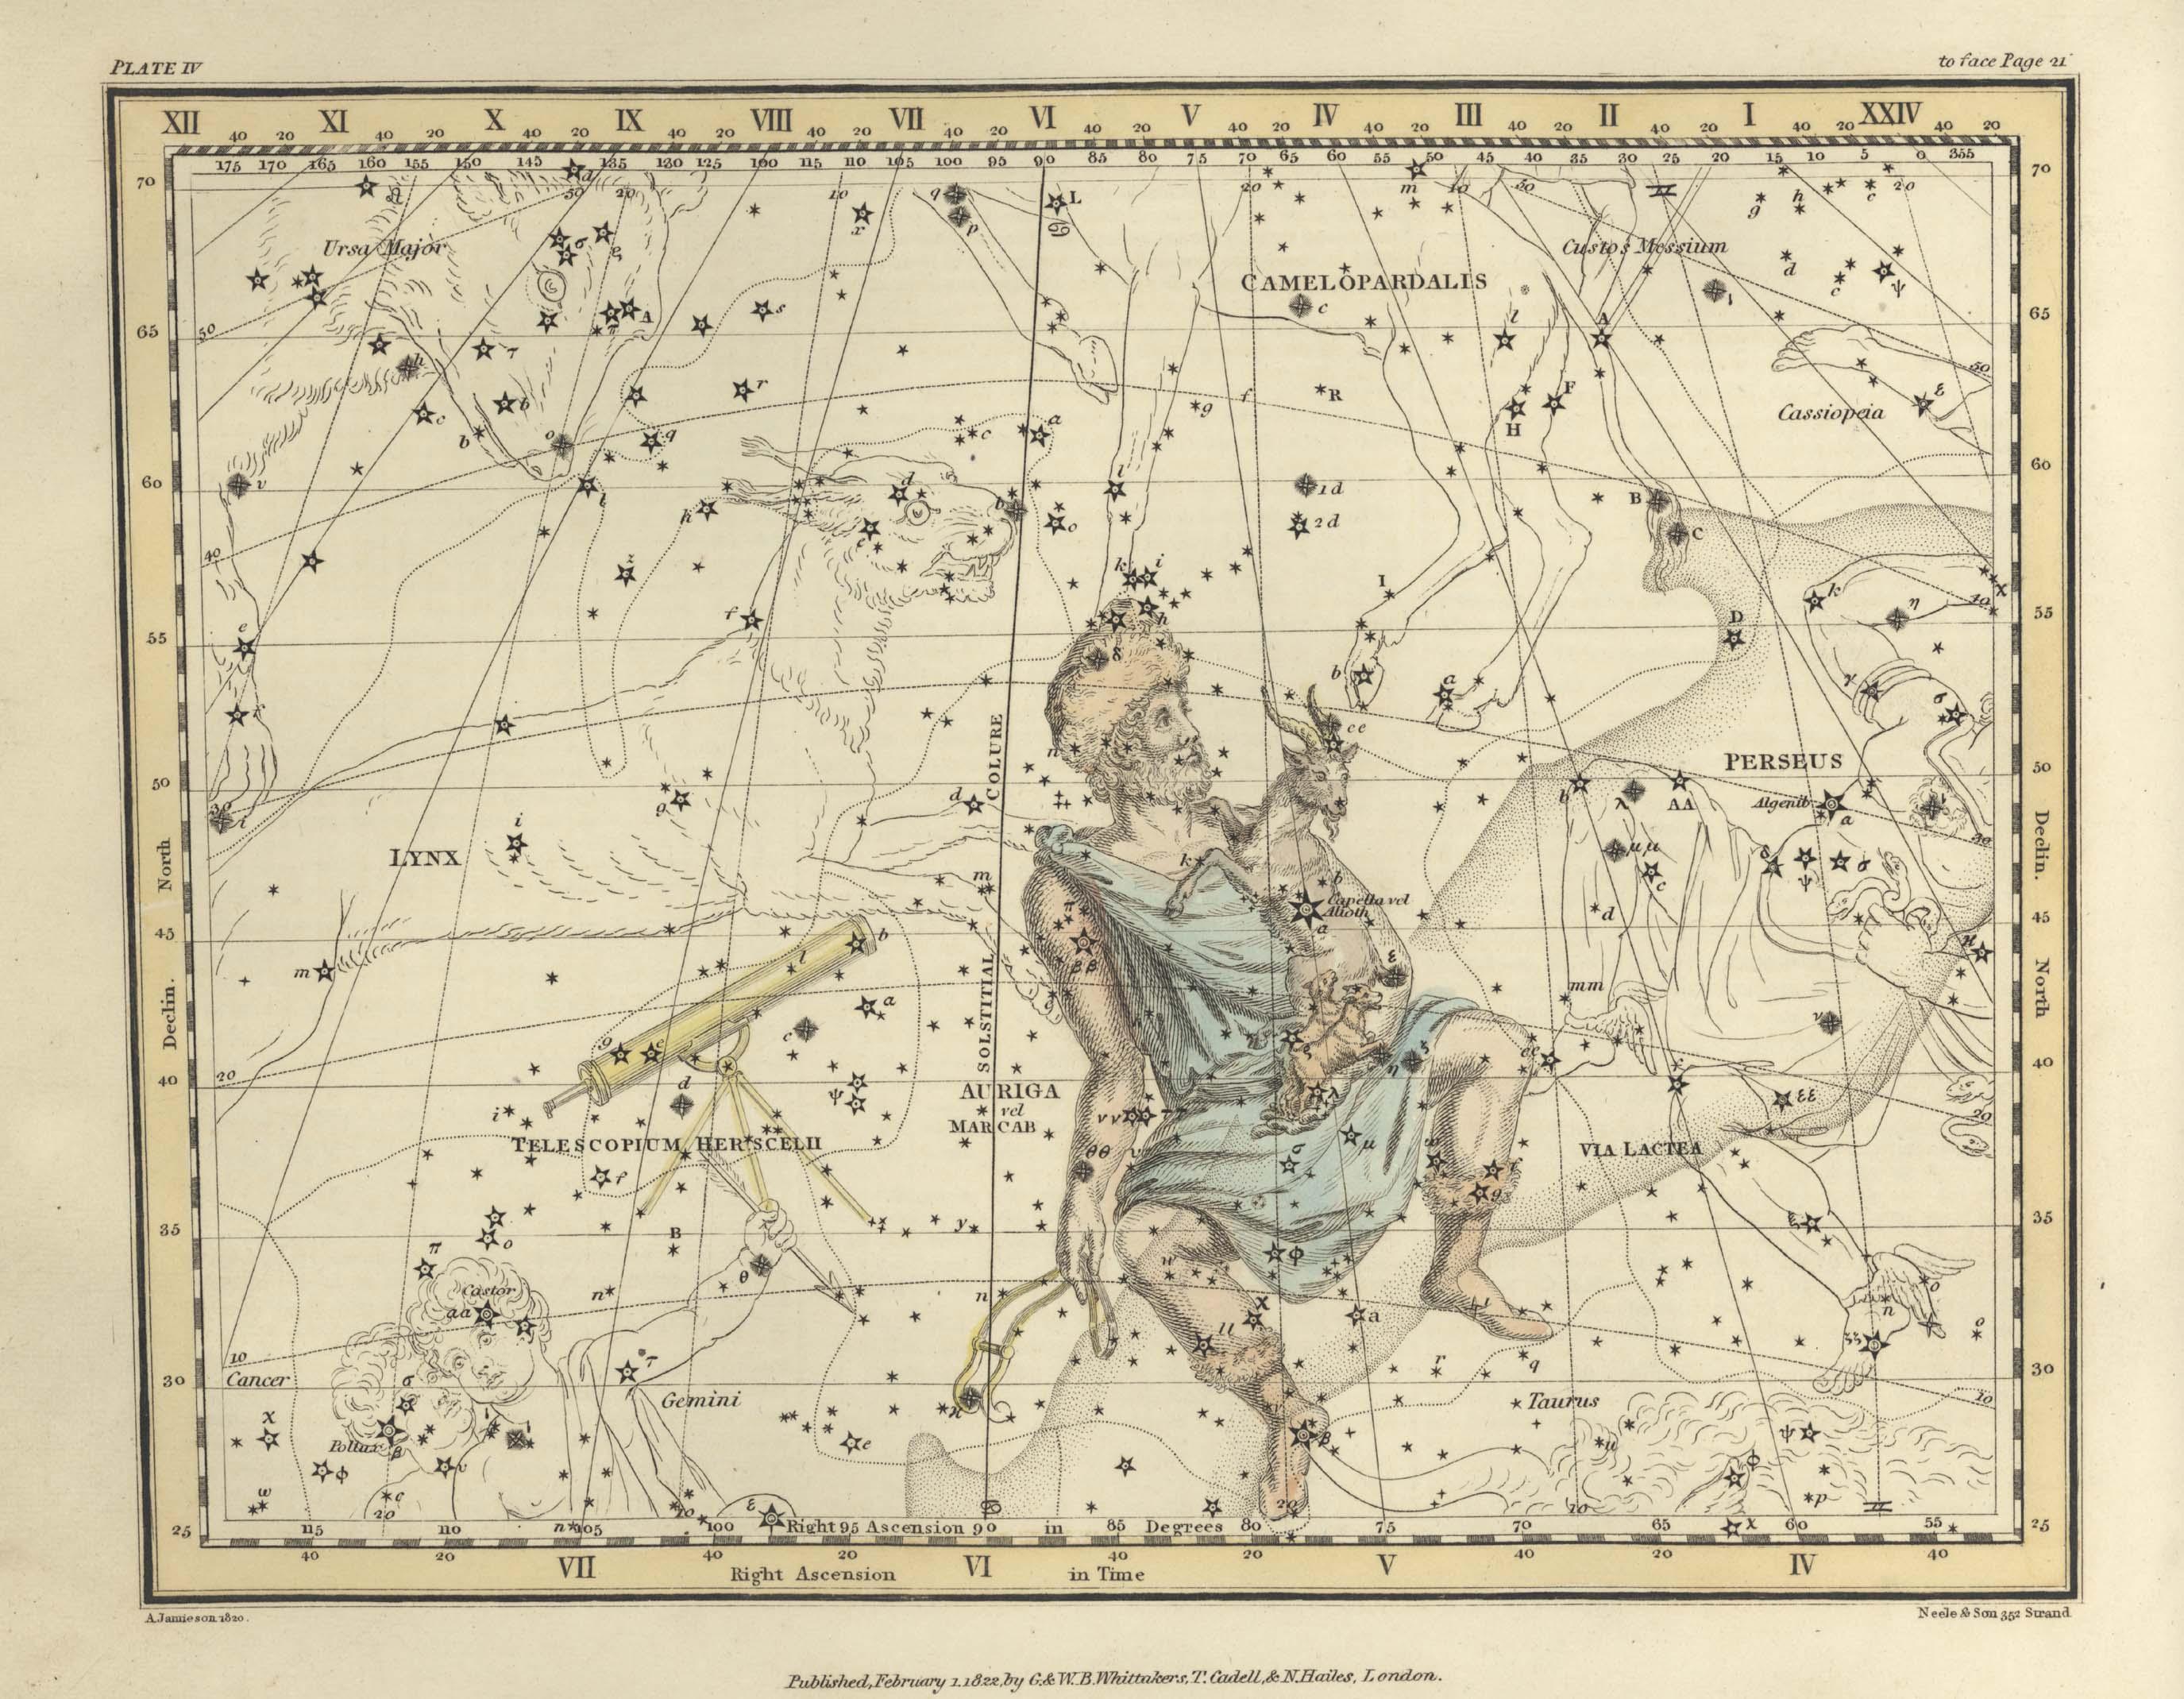 Изображение возничего в Atlas Coelestis